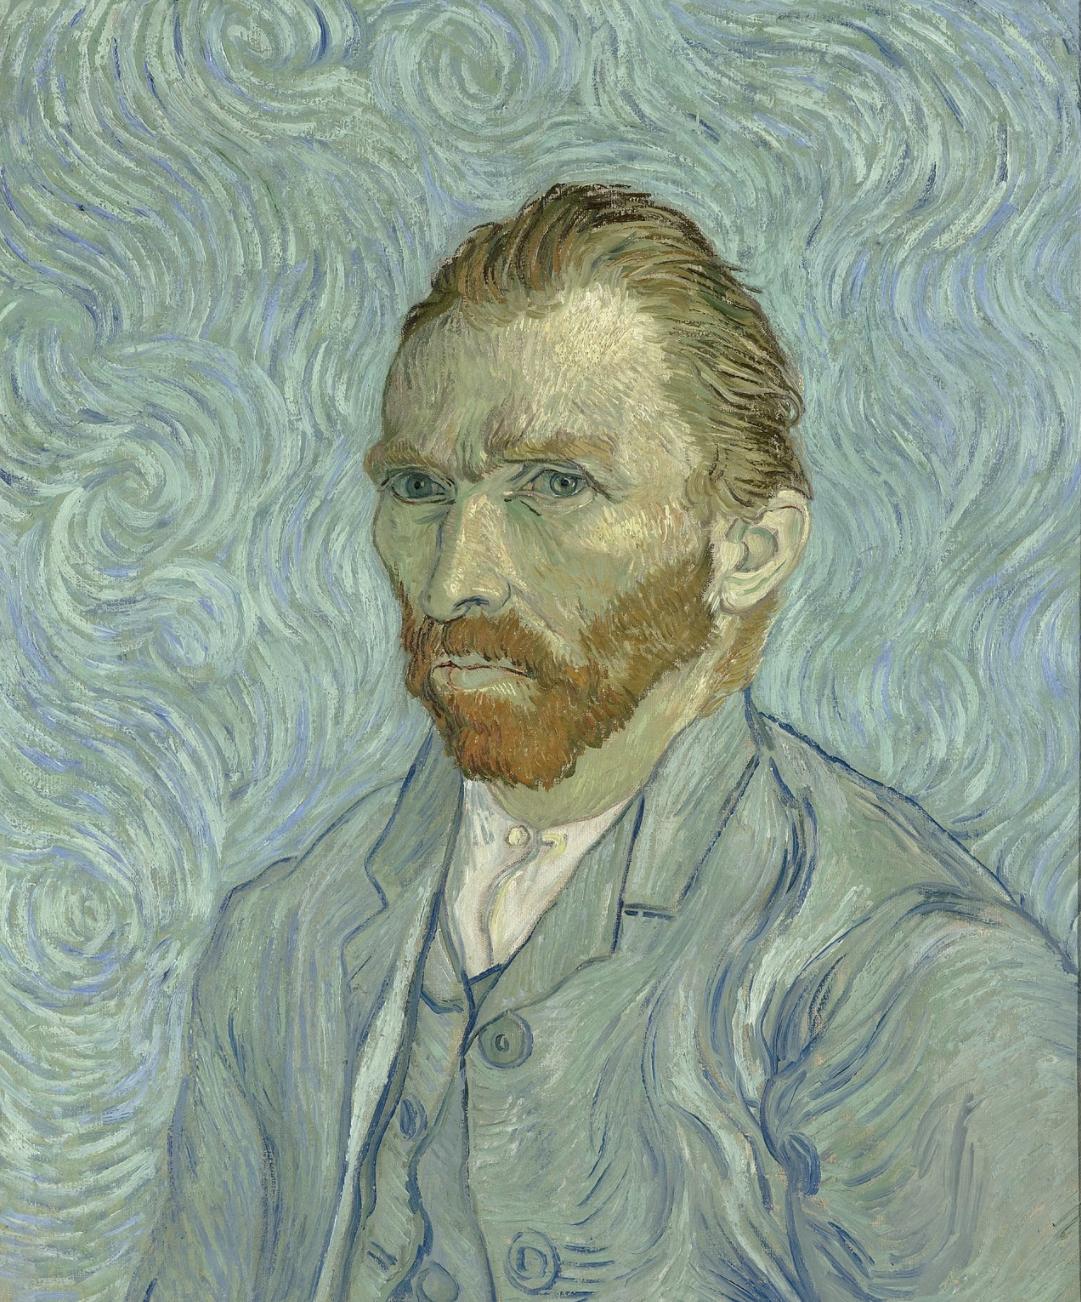 A self portrait by Vincent Van Gogh